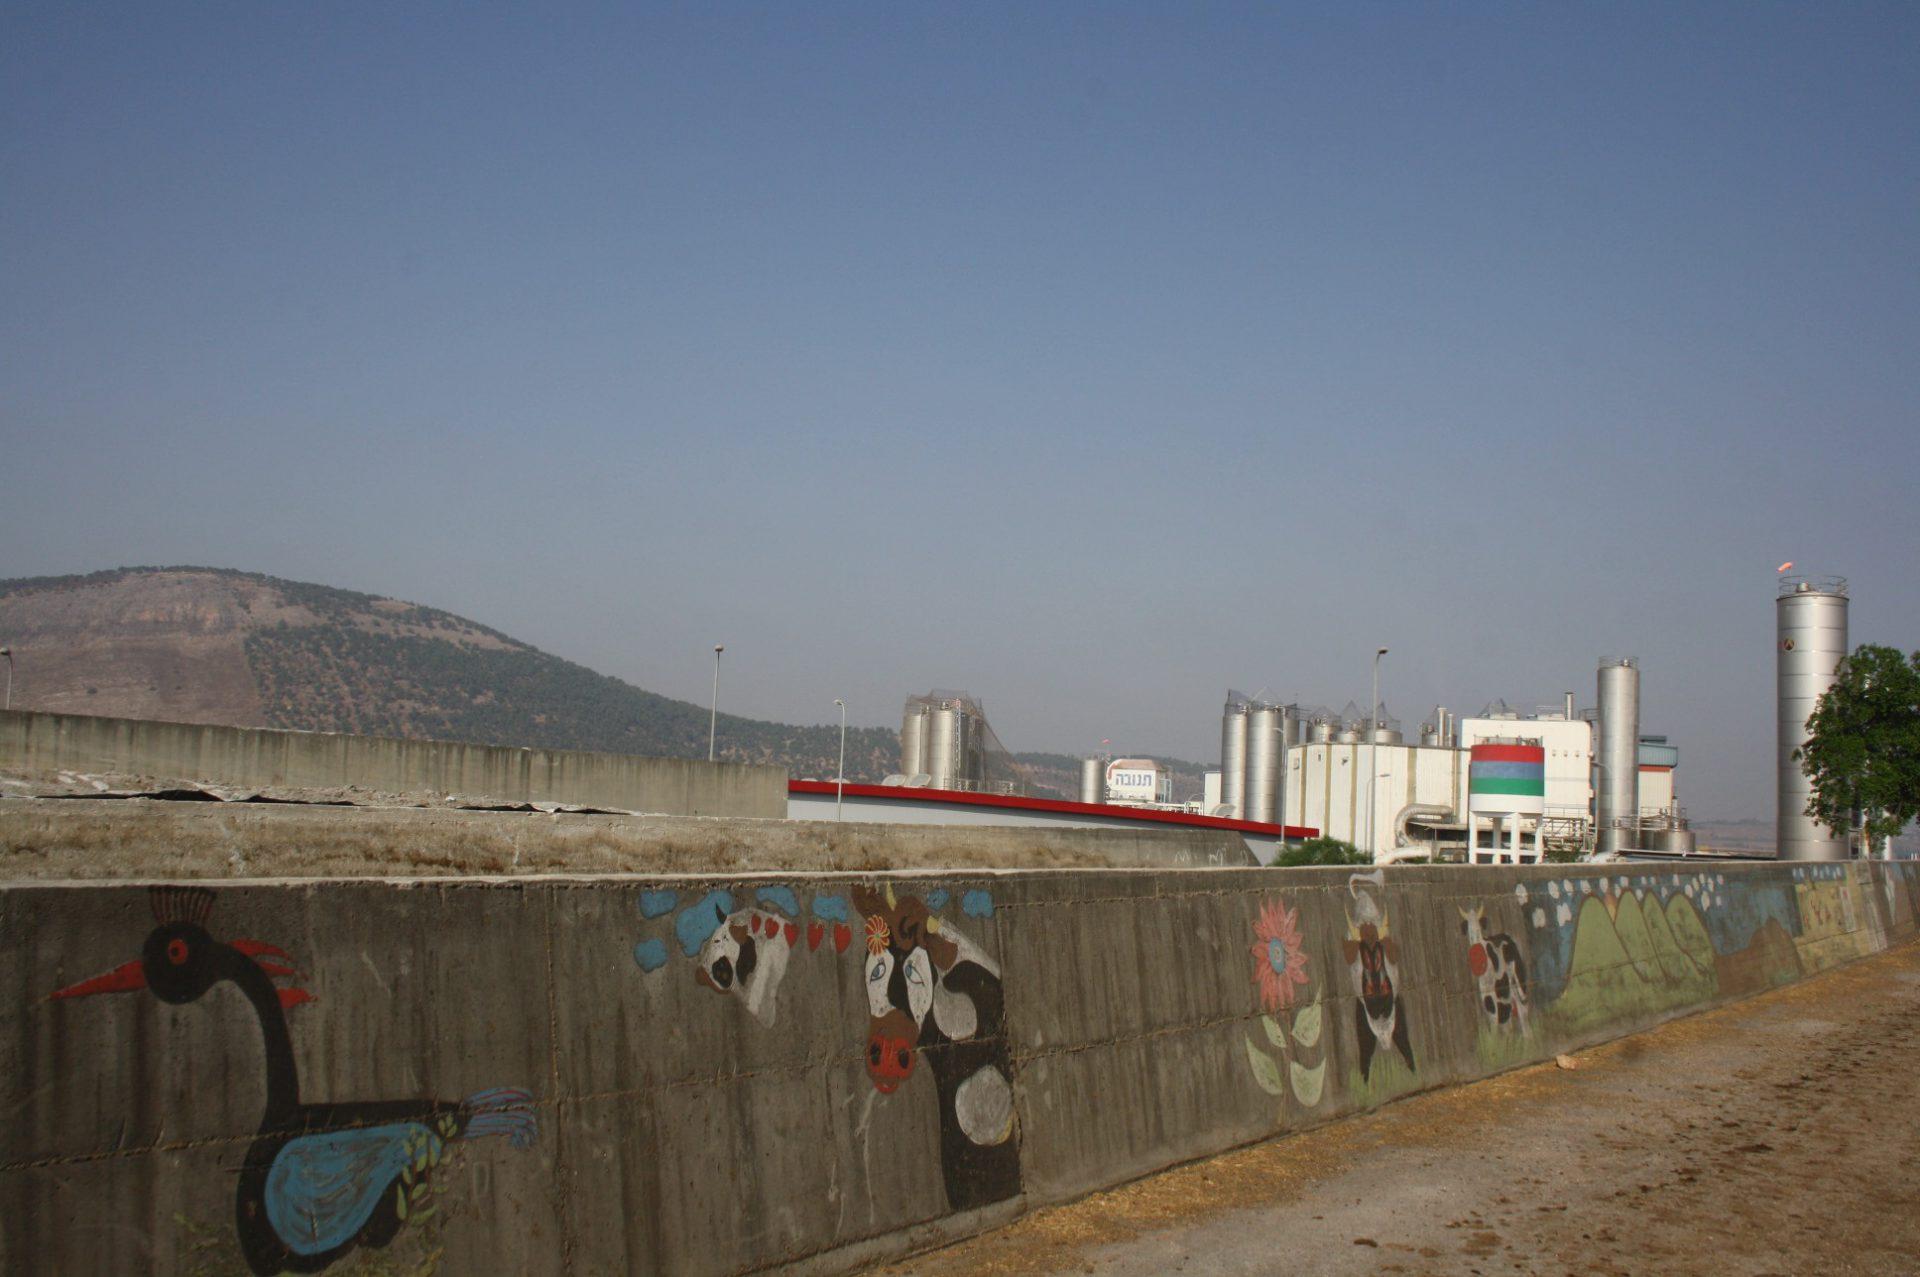 מרכז מזון מילובר תל יוסף עם נופים יפהפיים של מחלבת תל יוסף